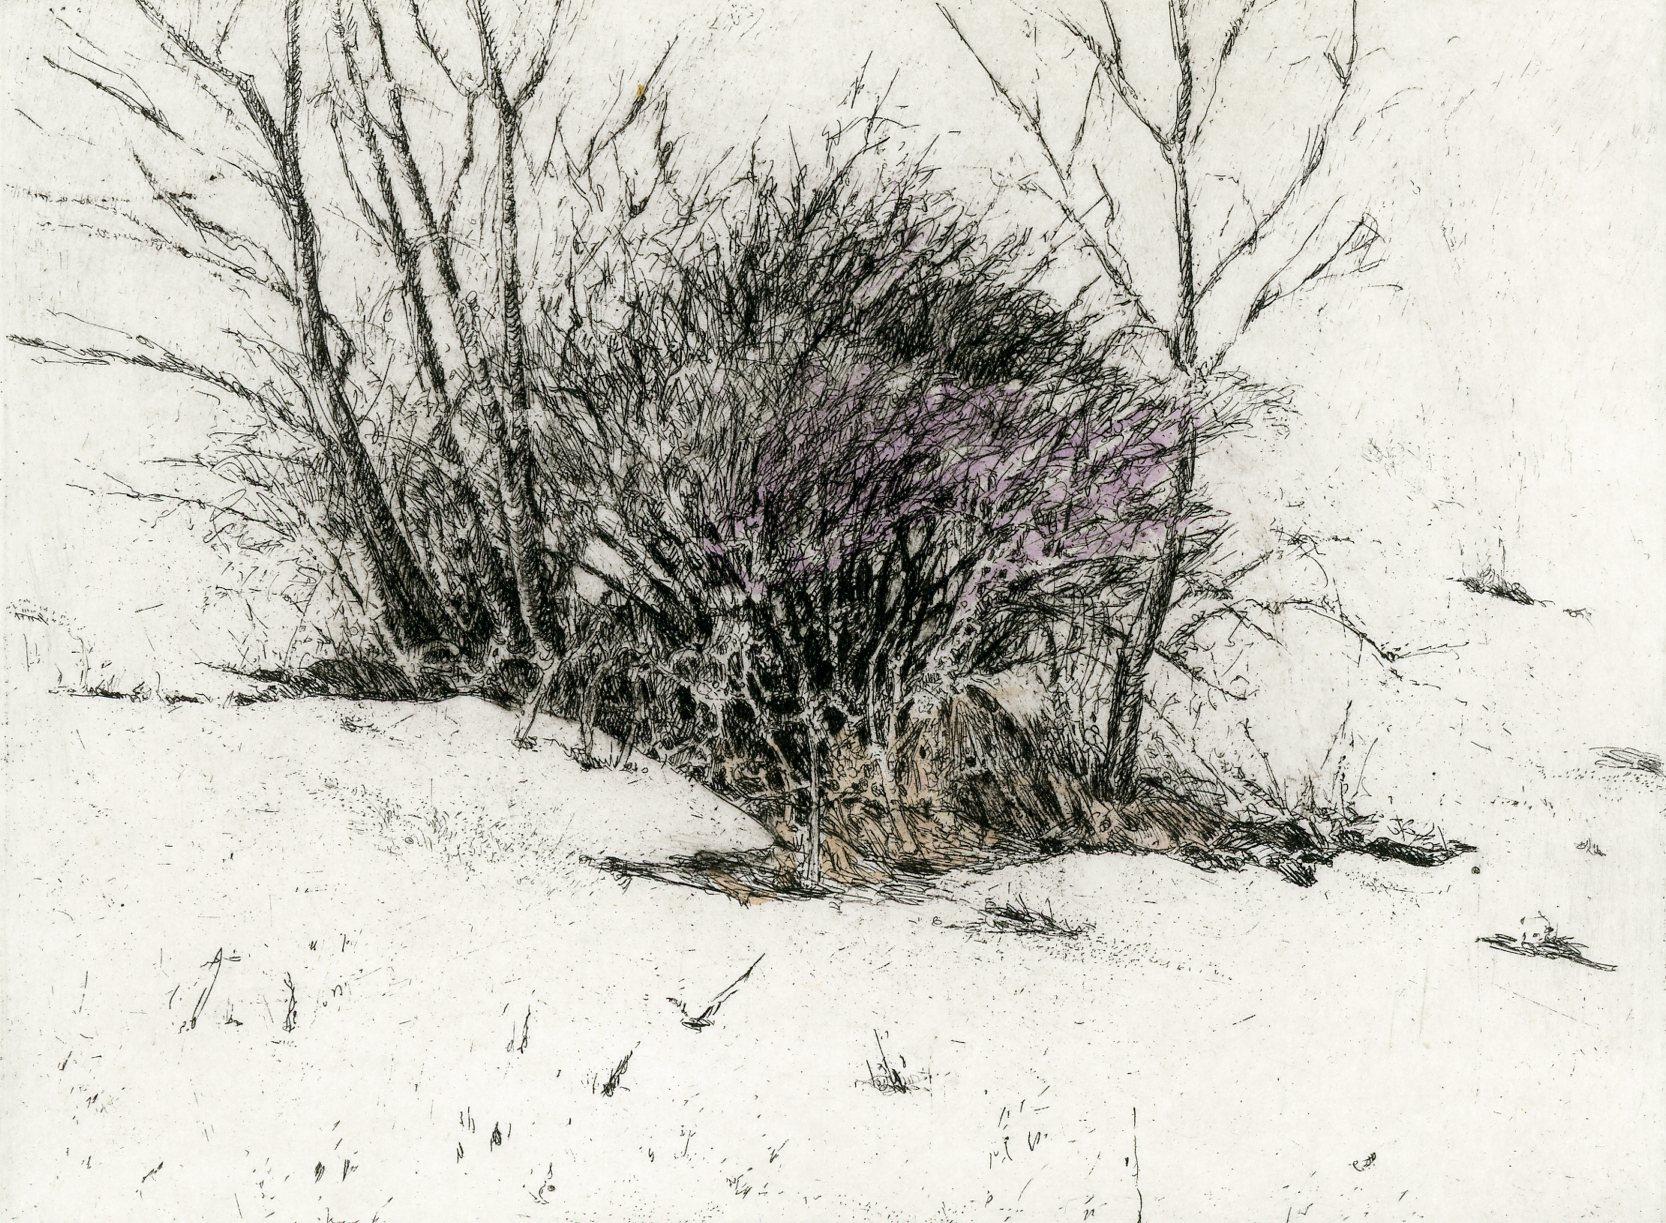 """'Winter Blueberry Bush', 12""""x11"""", $140 framed, $75 unframed"""